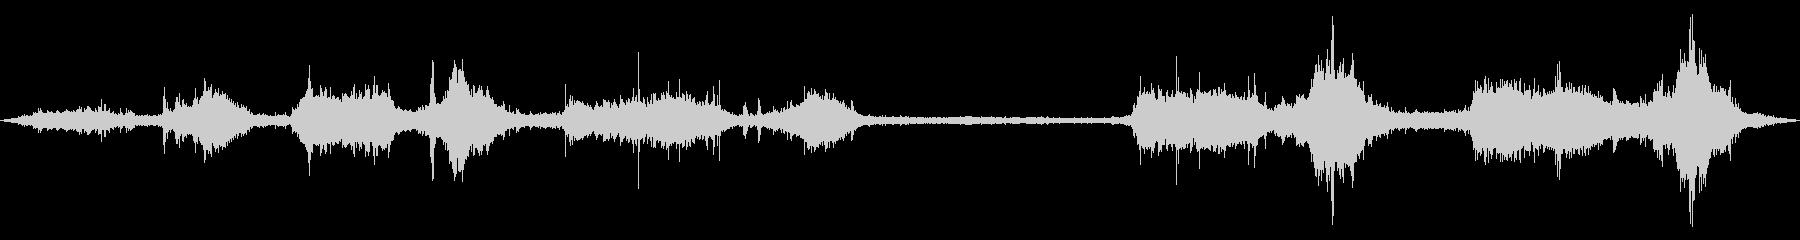 テトラポッド付近の波の音2の未再生の波形